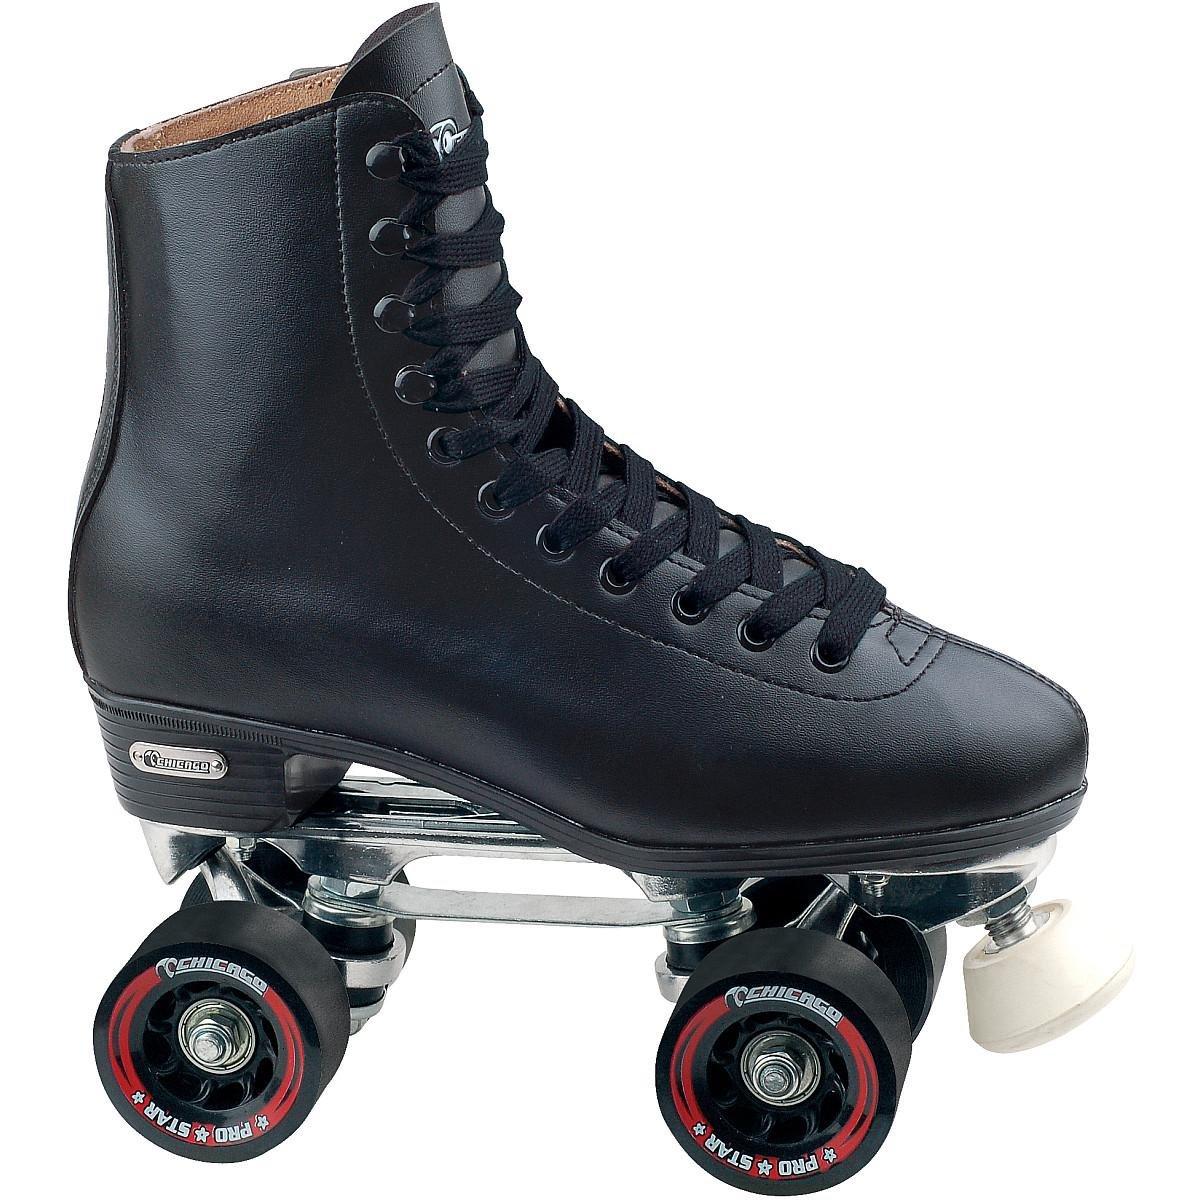 Chicago Men's Leather Lined Rink Roller Skate (Size 12), Black